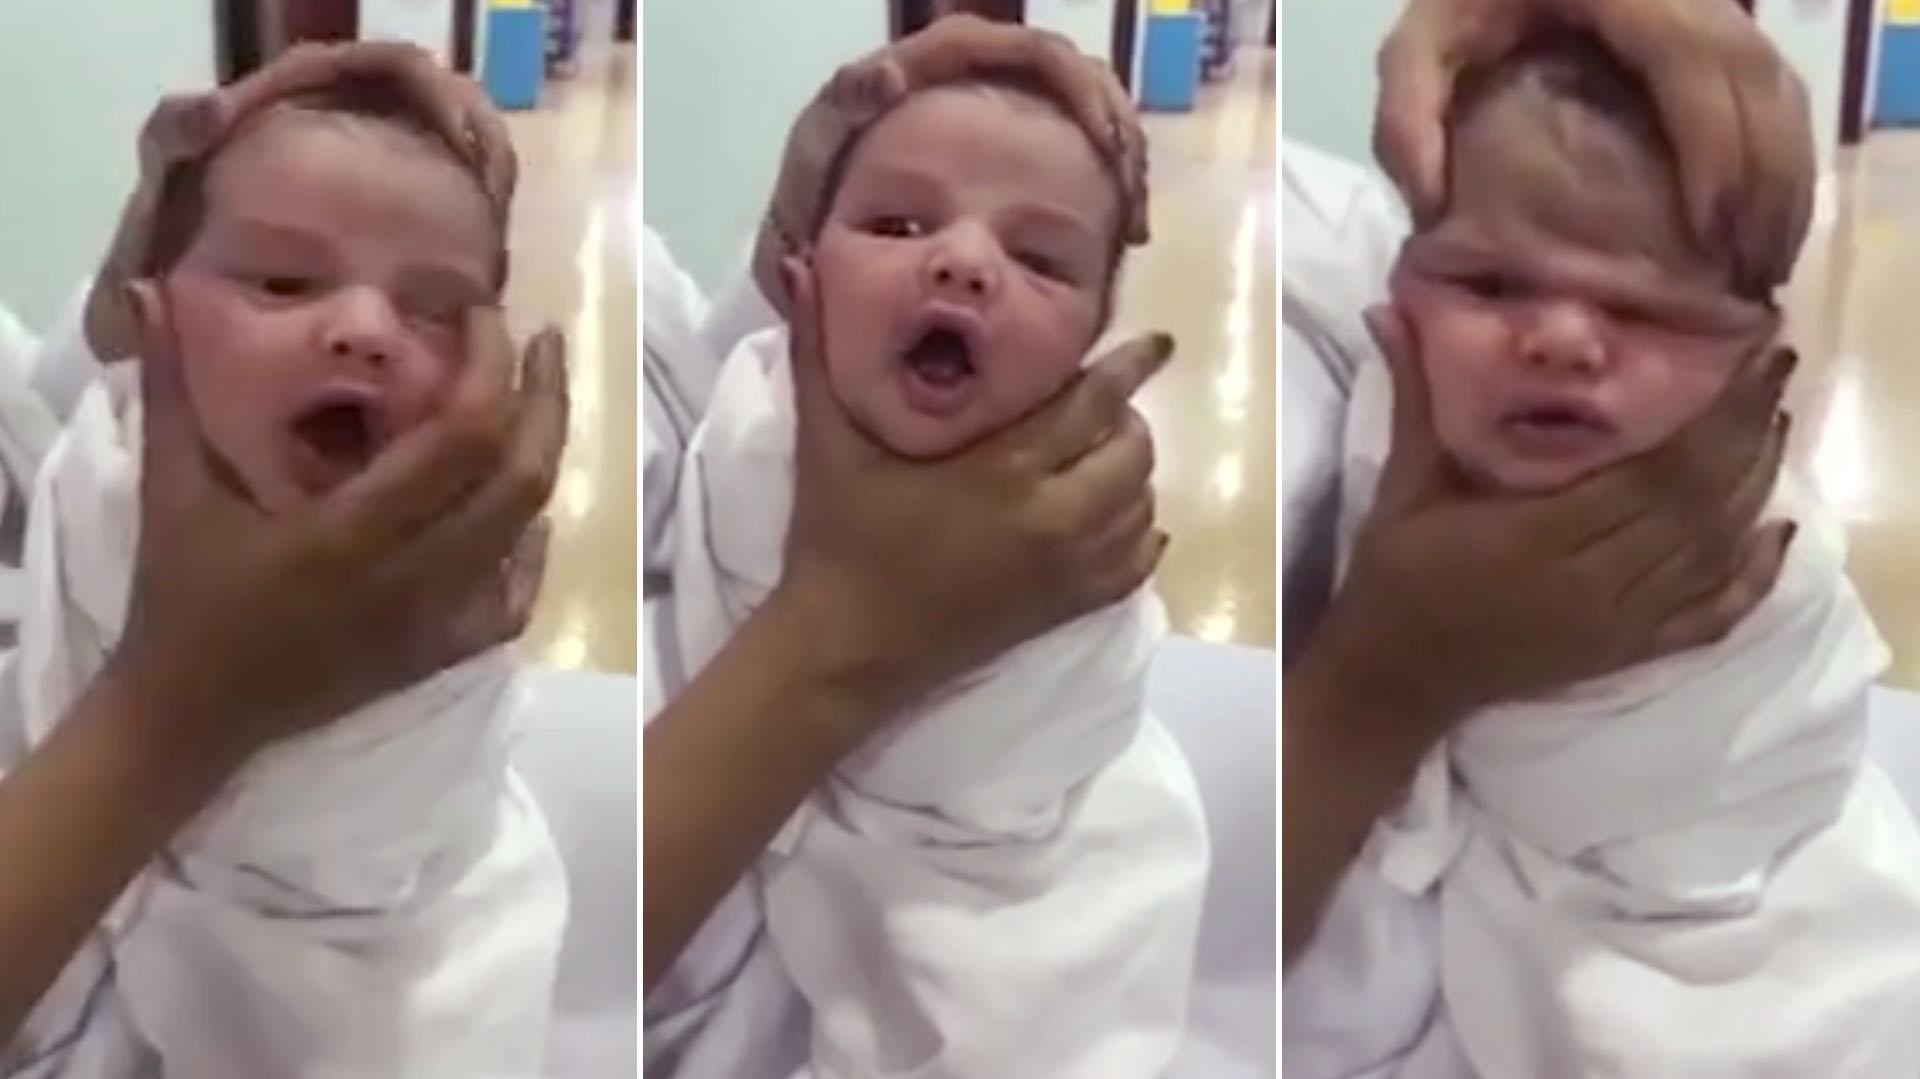 enfermeras caras bebes